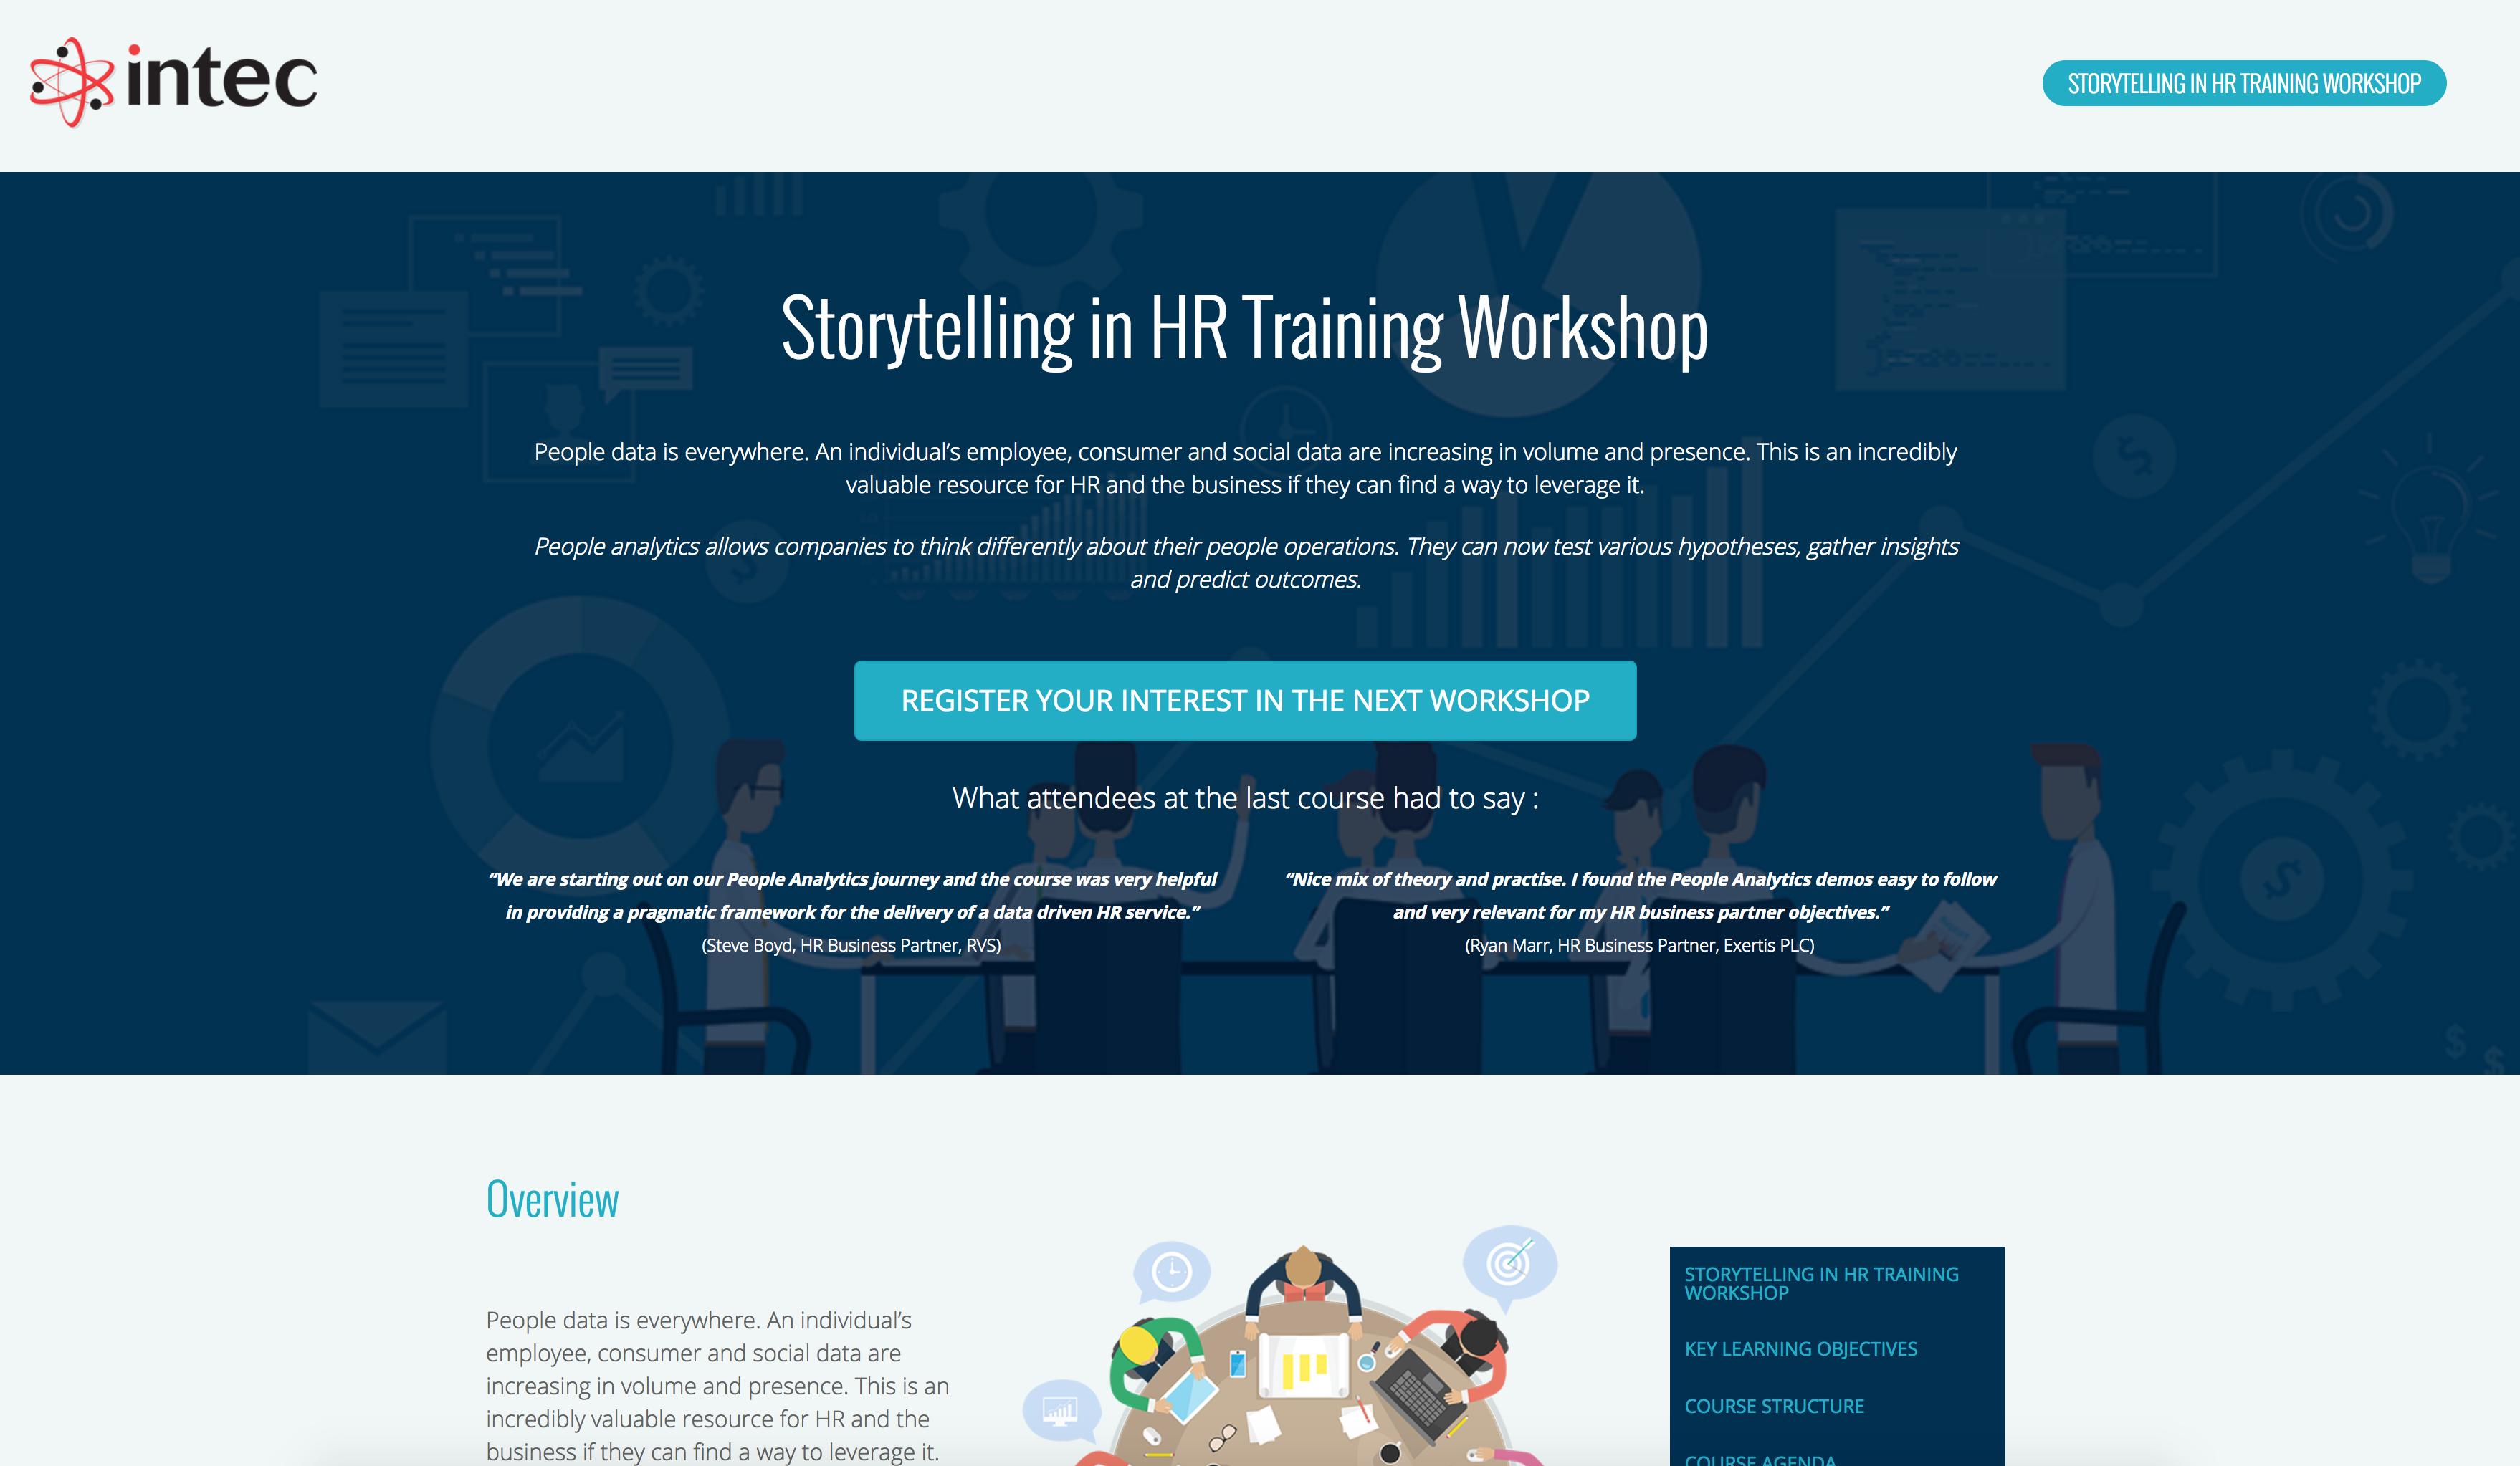 Storytelling in HR Workshop